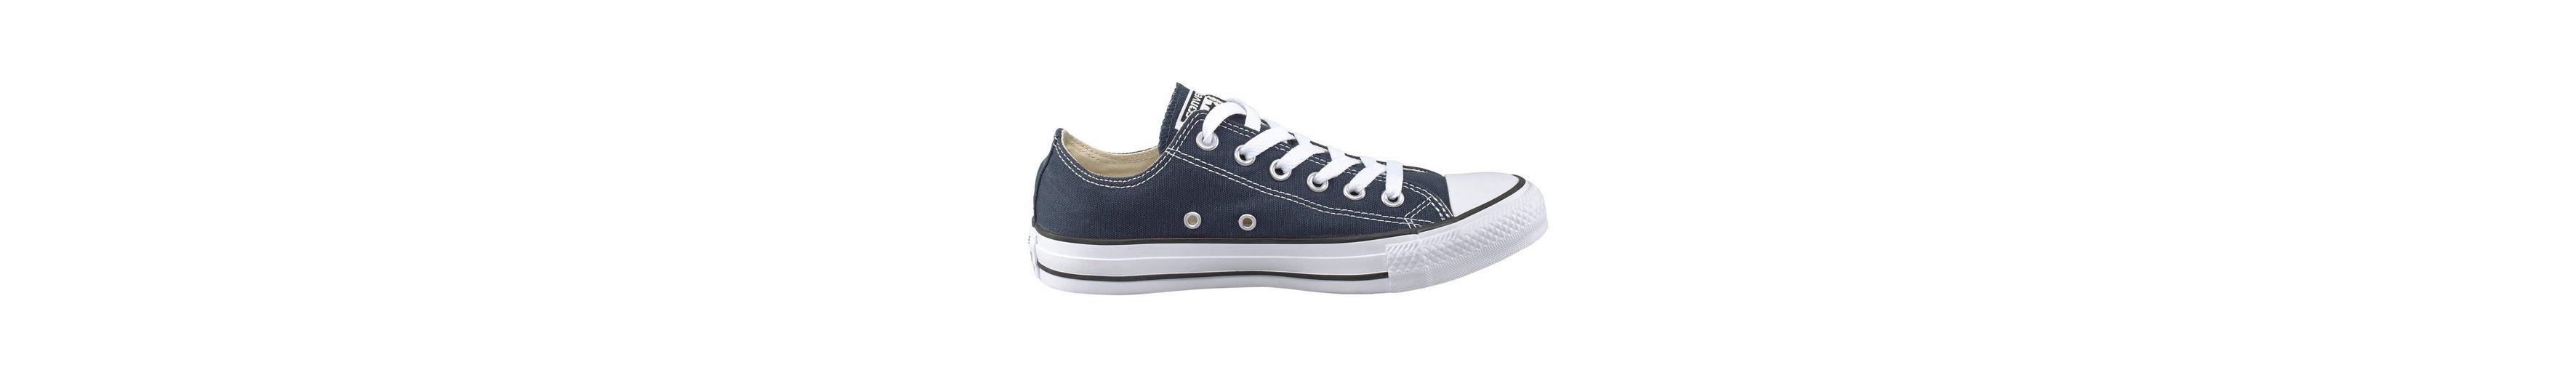 Converse Chuck Taylor All Star Core Ox Sneaker Klassische Online DQ0UlGDntz